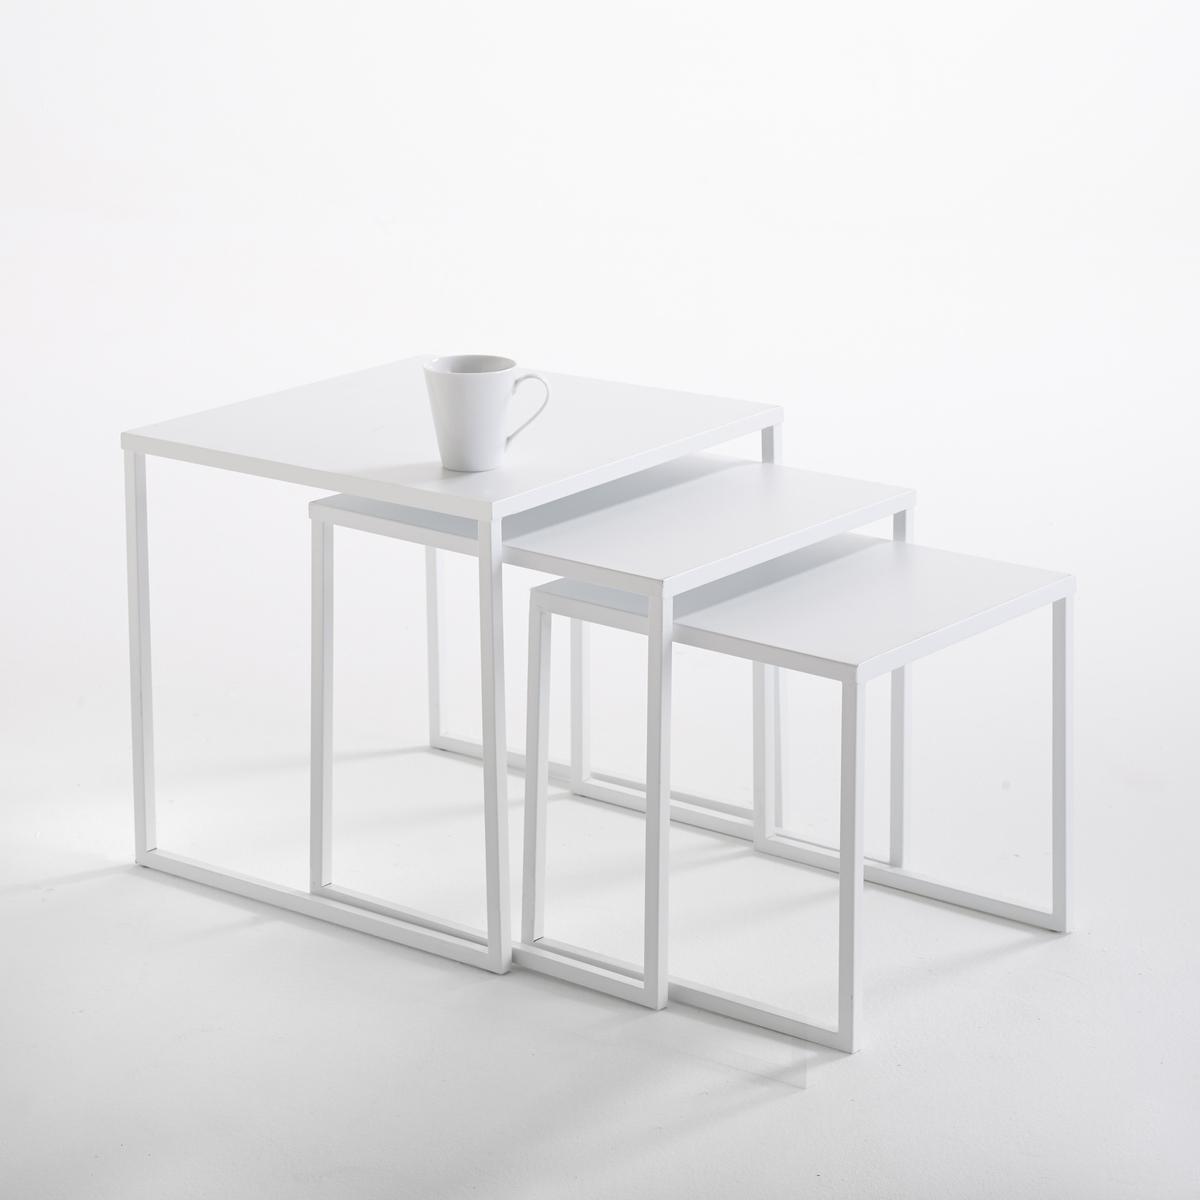 Confezione da 3 tavoli bassi impilabili in acciaio, Hiba